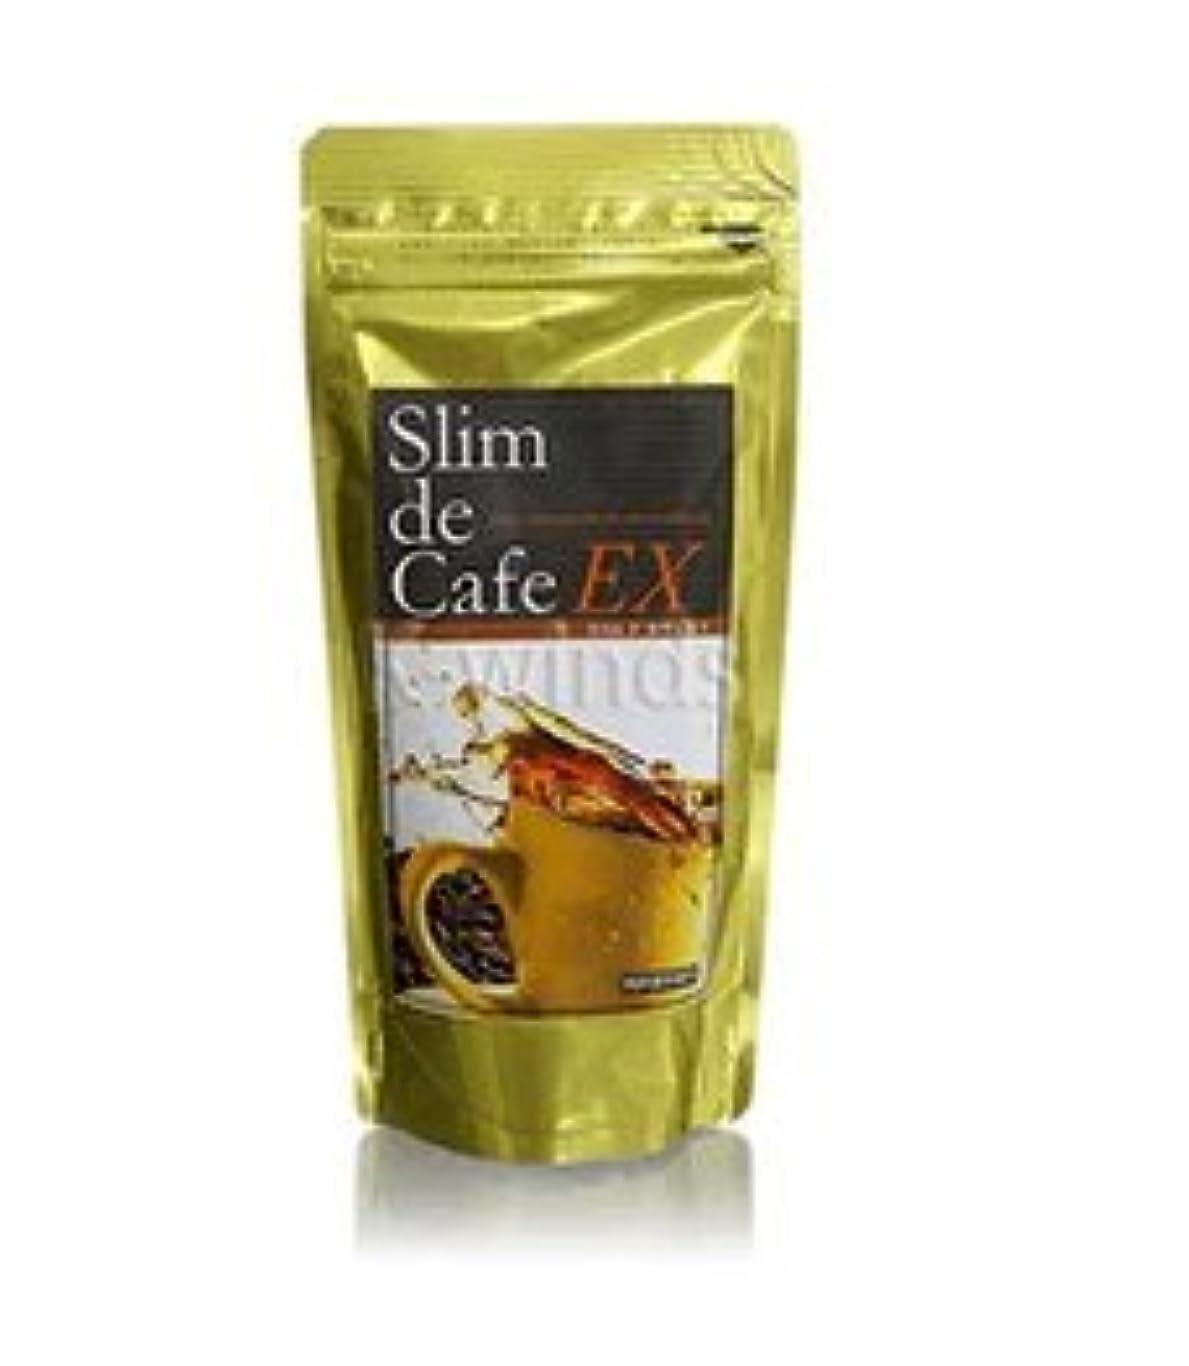 列挙する架空のジョットディボンドンスーパー ダイエット コーヒー スリムドカフェEX